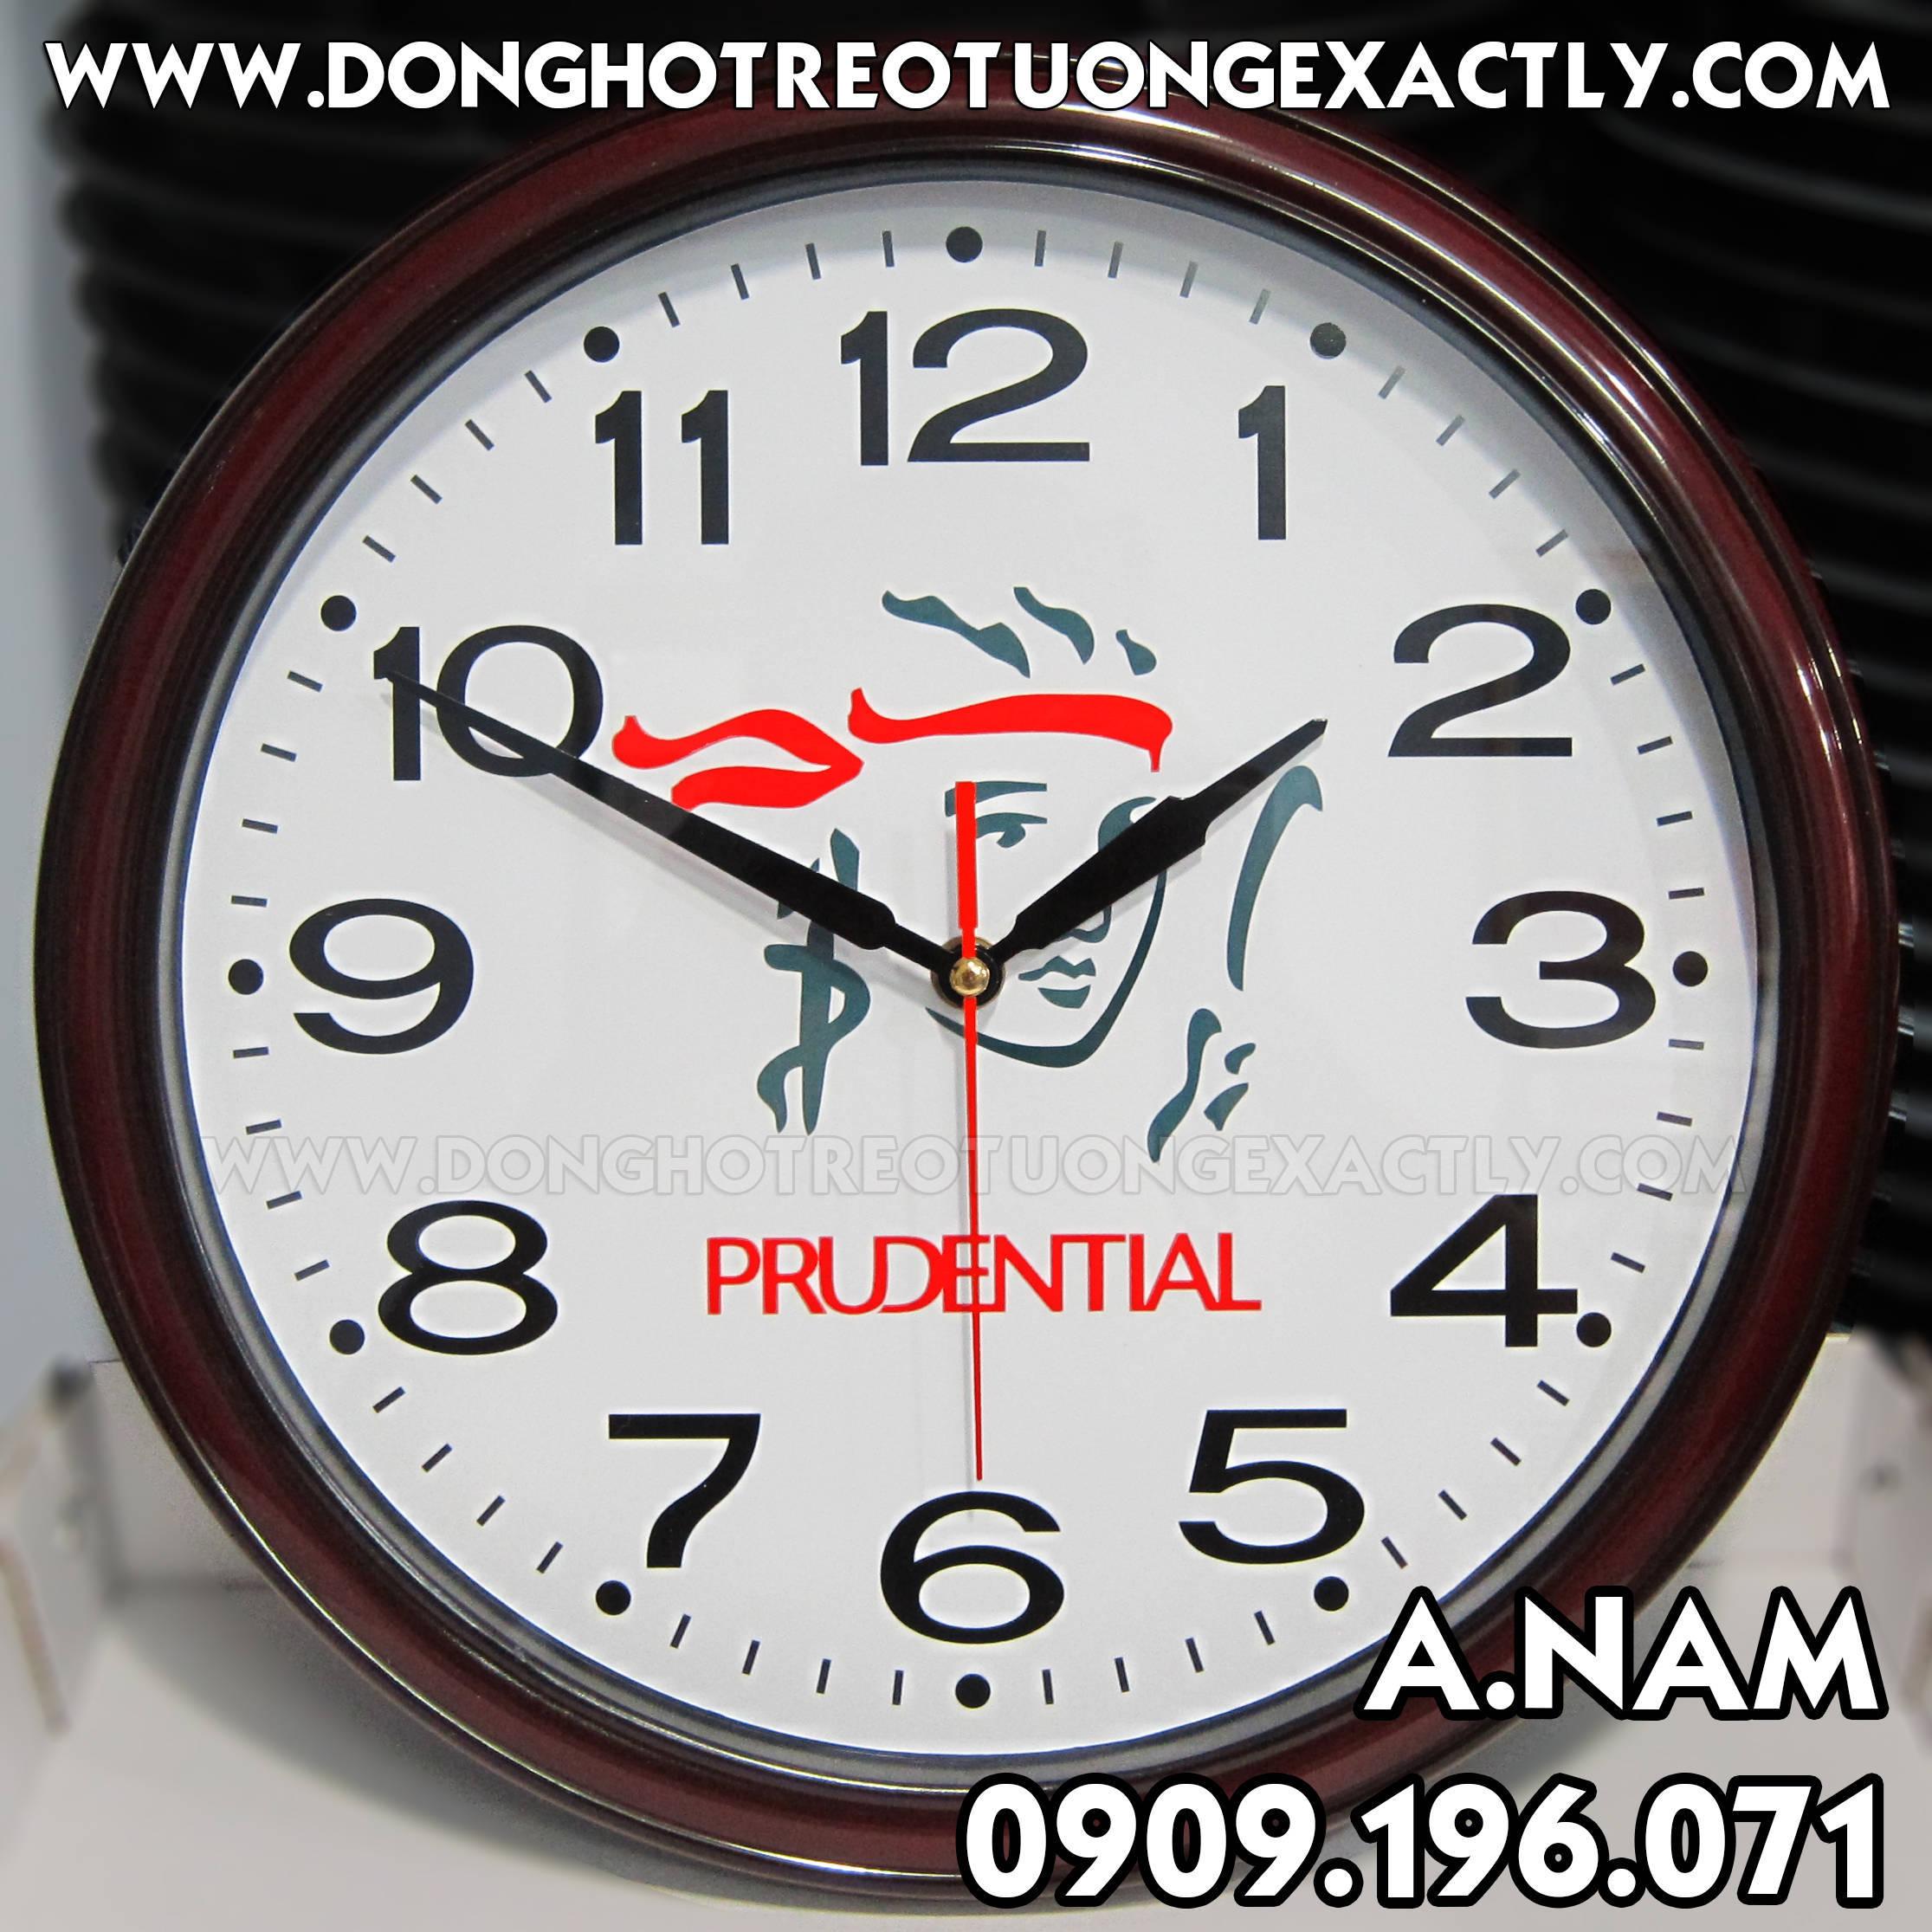 đồng hồ treo tường tặng tri ân khách PRUDENTIAL